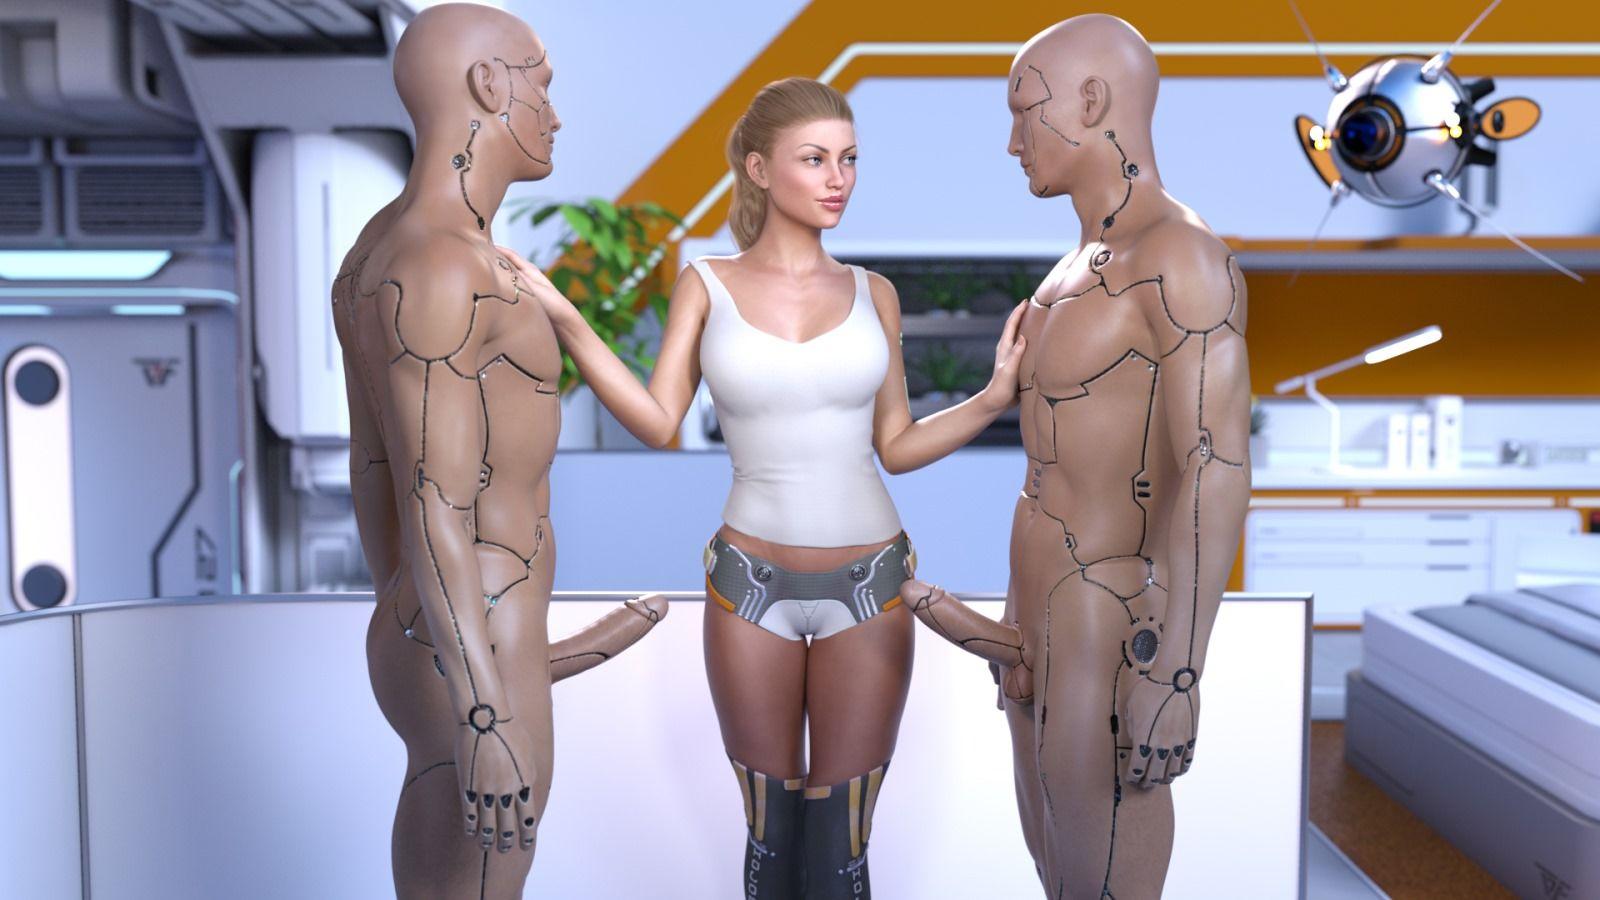 Free porn scifi pics